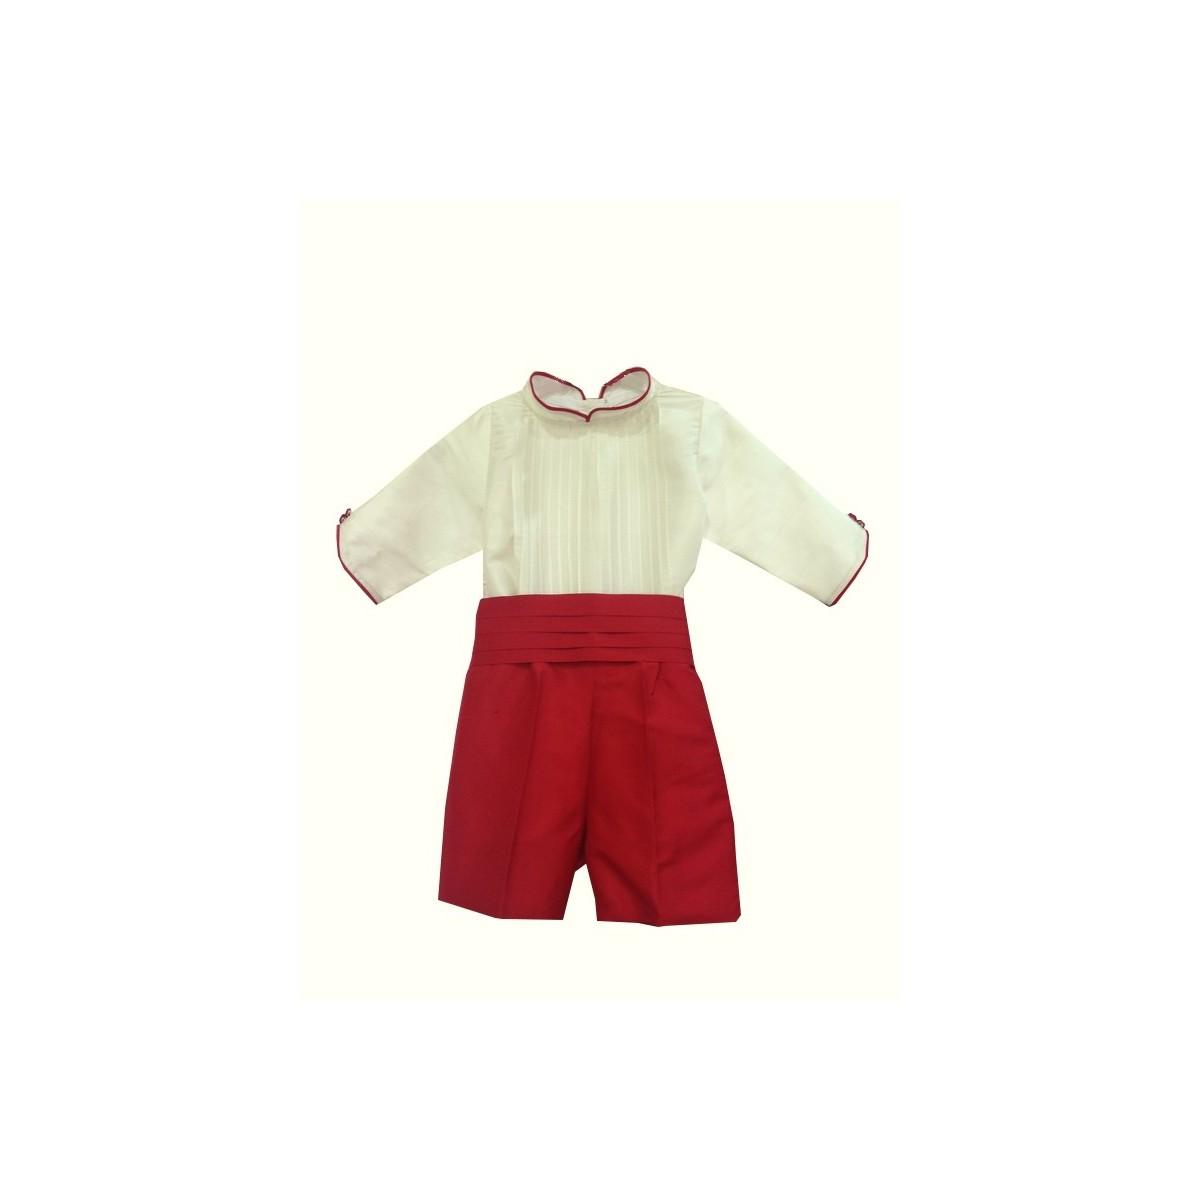 Marfil Rojo De Traje Camisa Seda Niño Pantalón En Manga Para Boda 0FPwzF7q